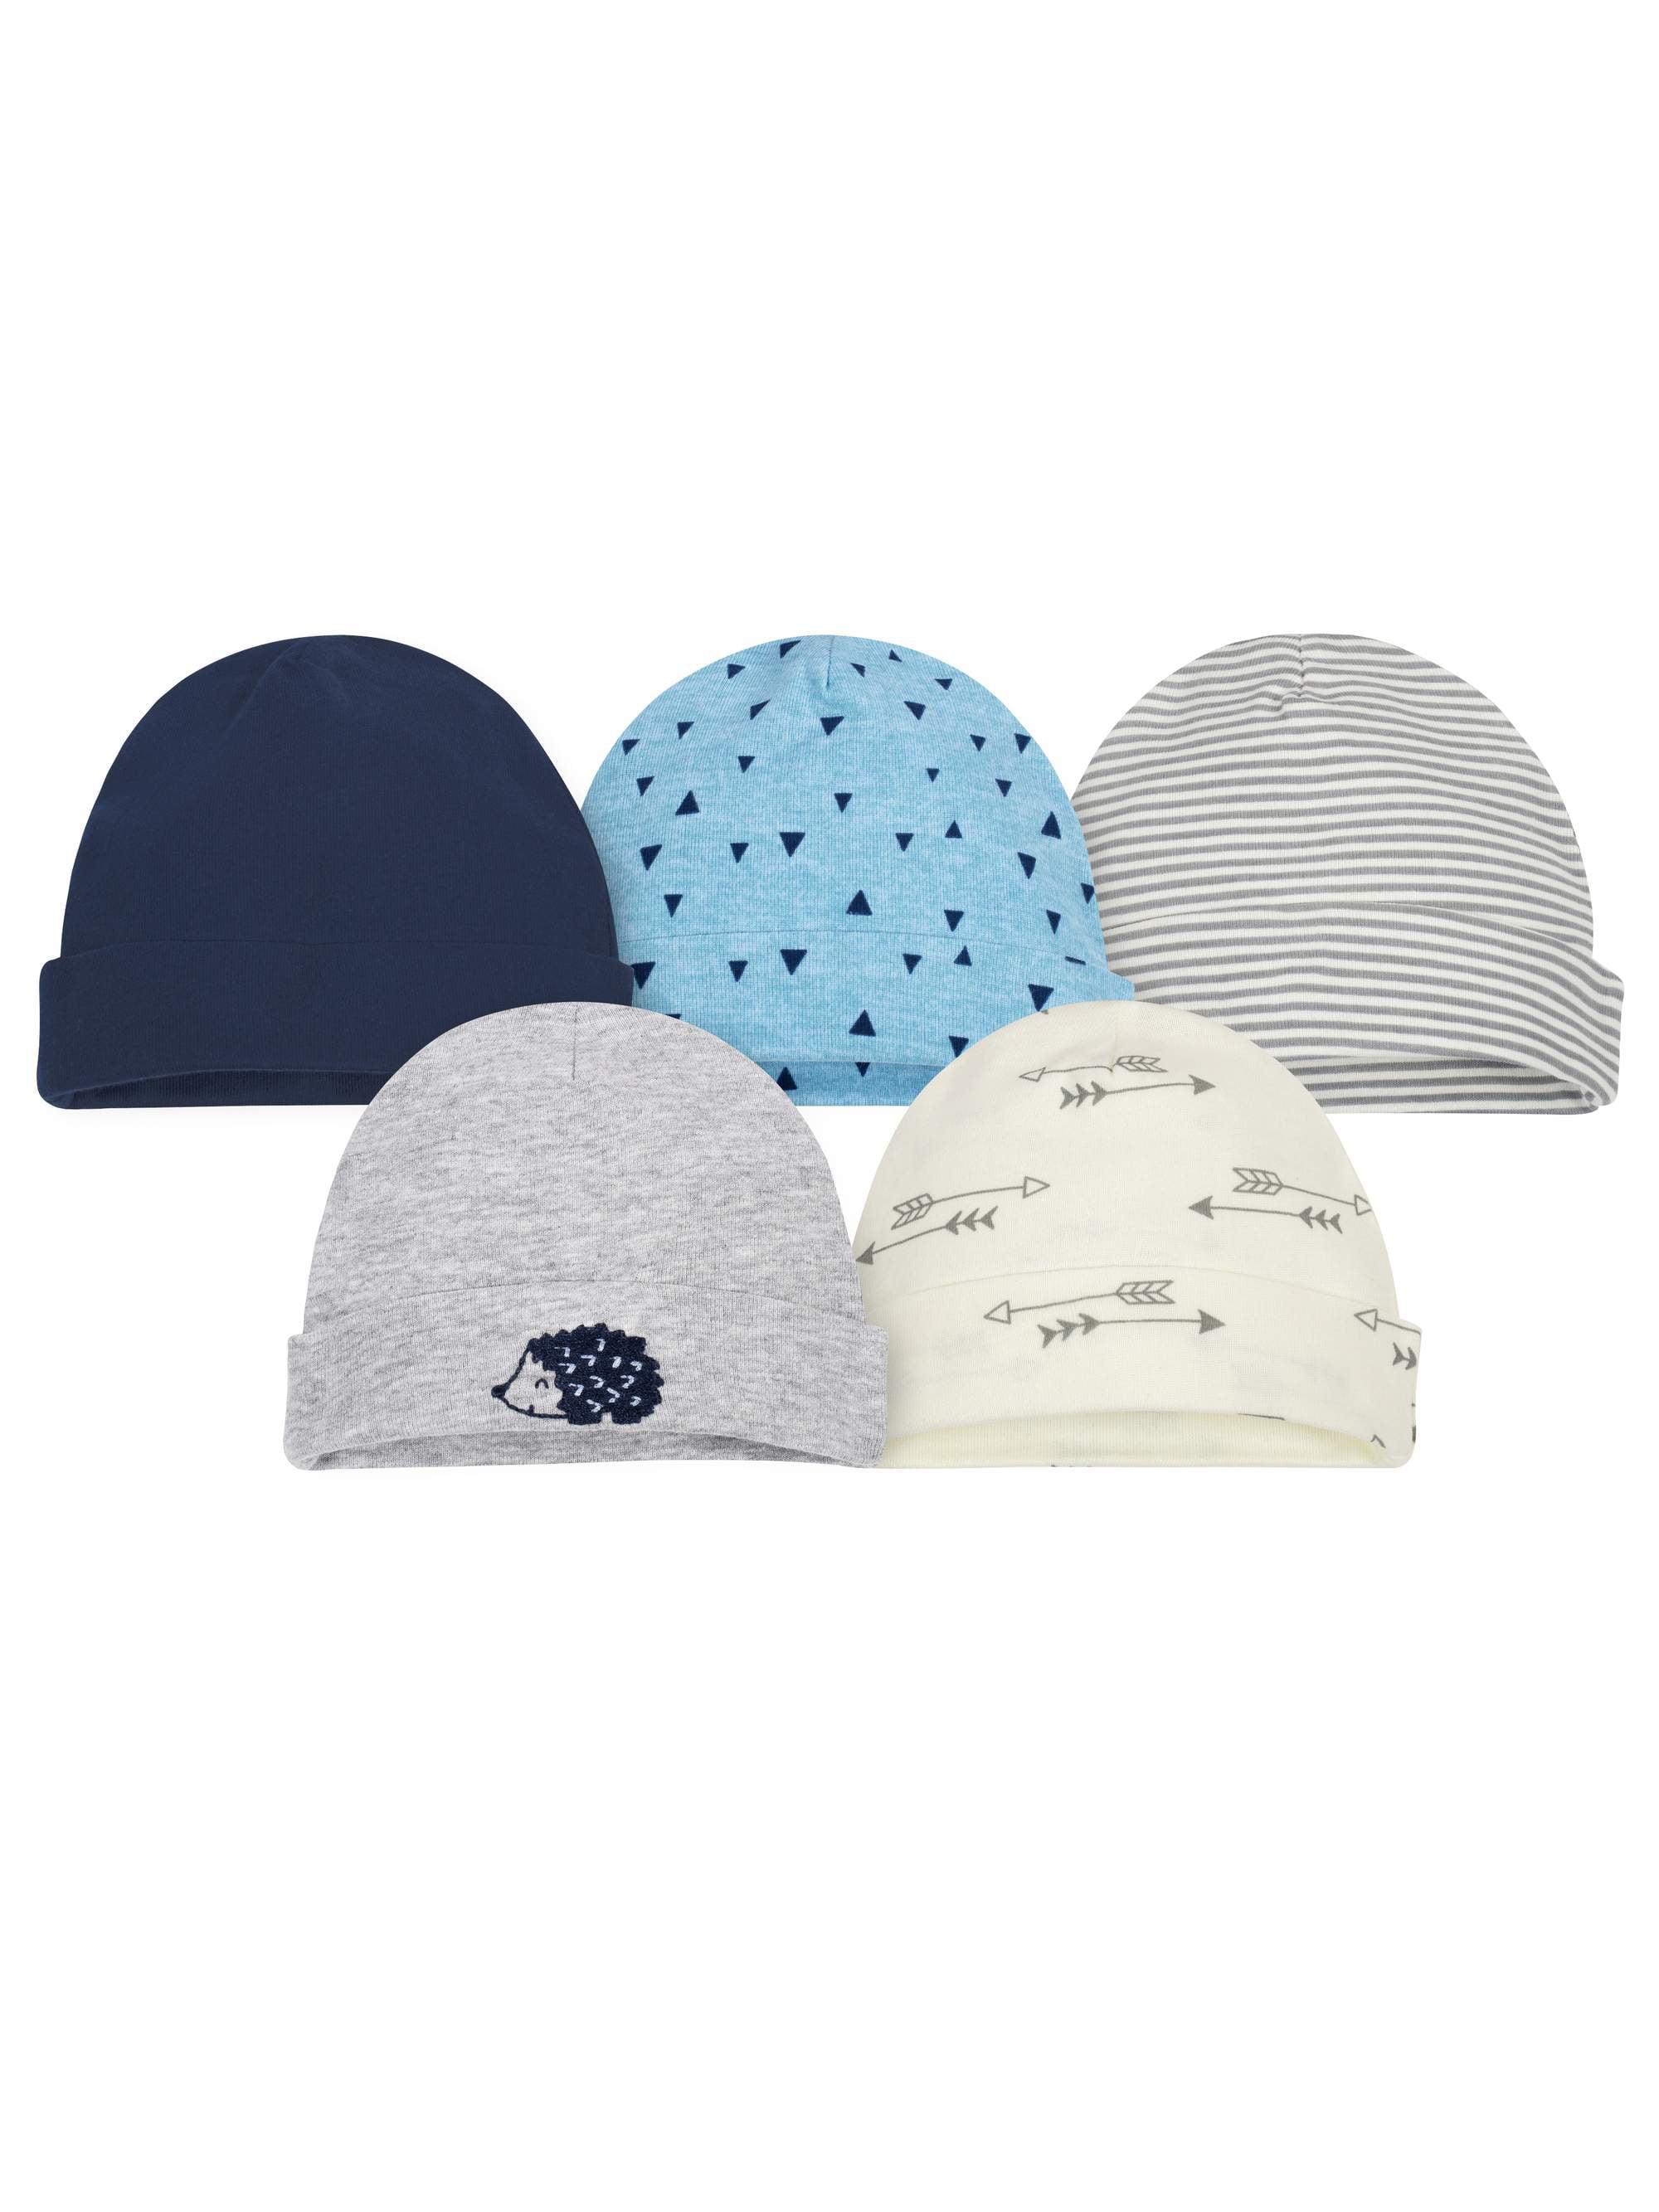 Assorted Caps Set, 5pk (Baby Boy)